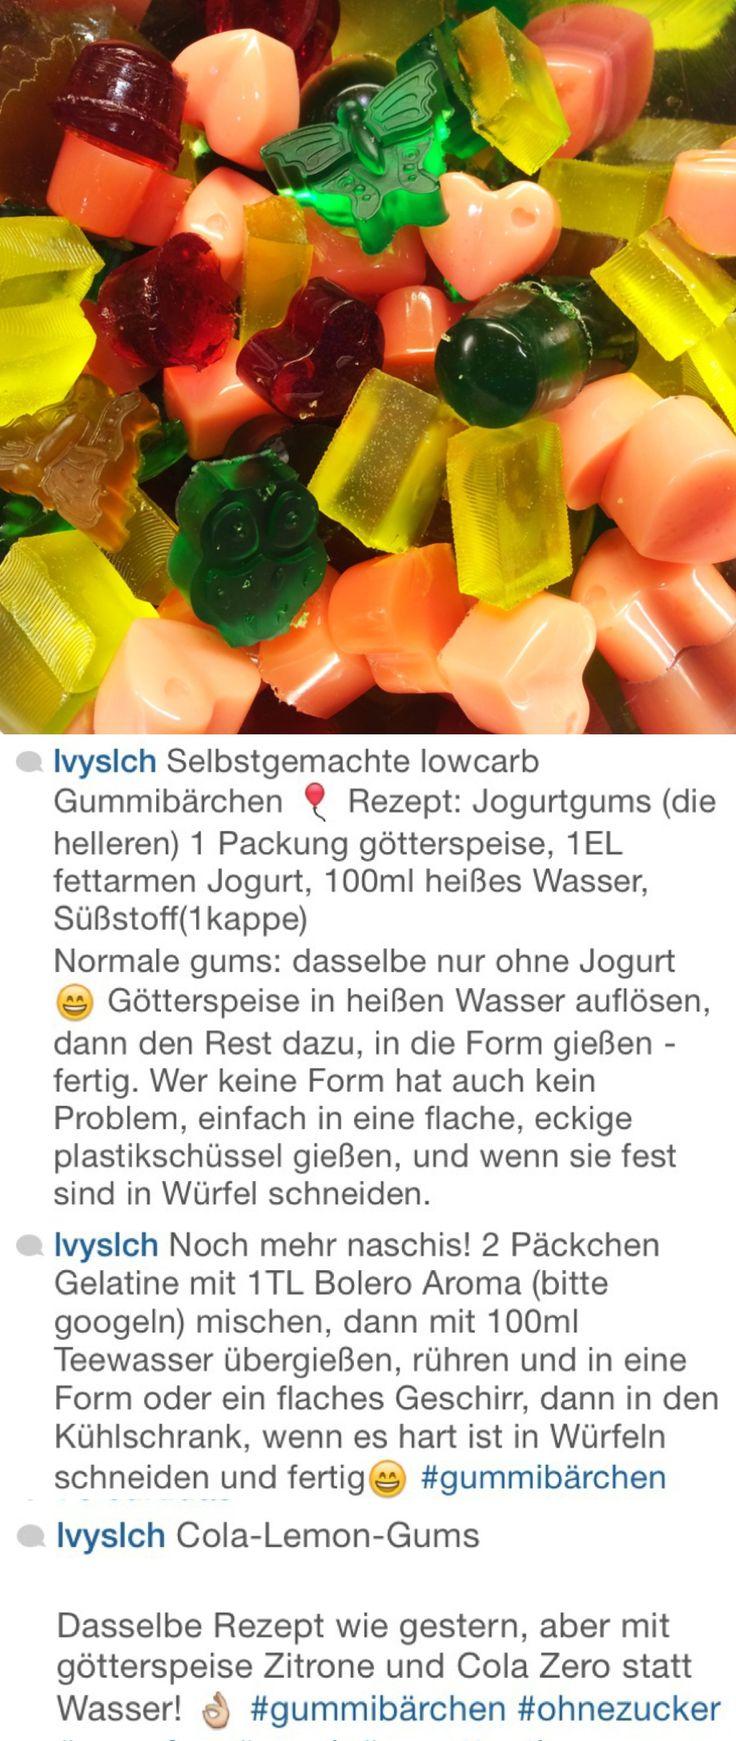 Gummibärchen / balinhas de gelatina para todas as fases